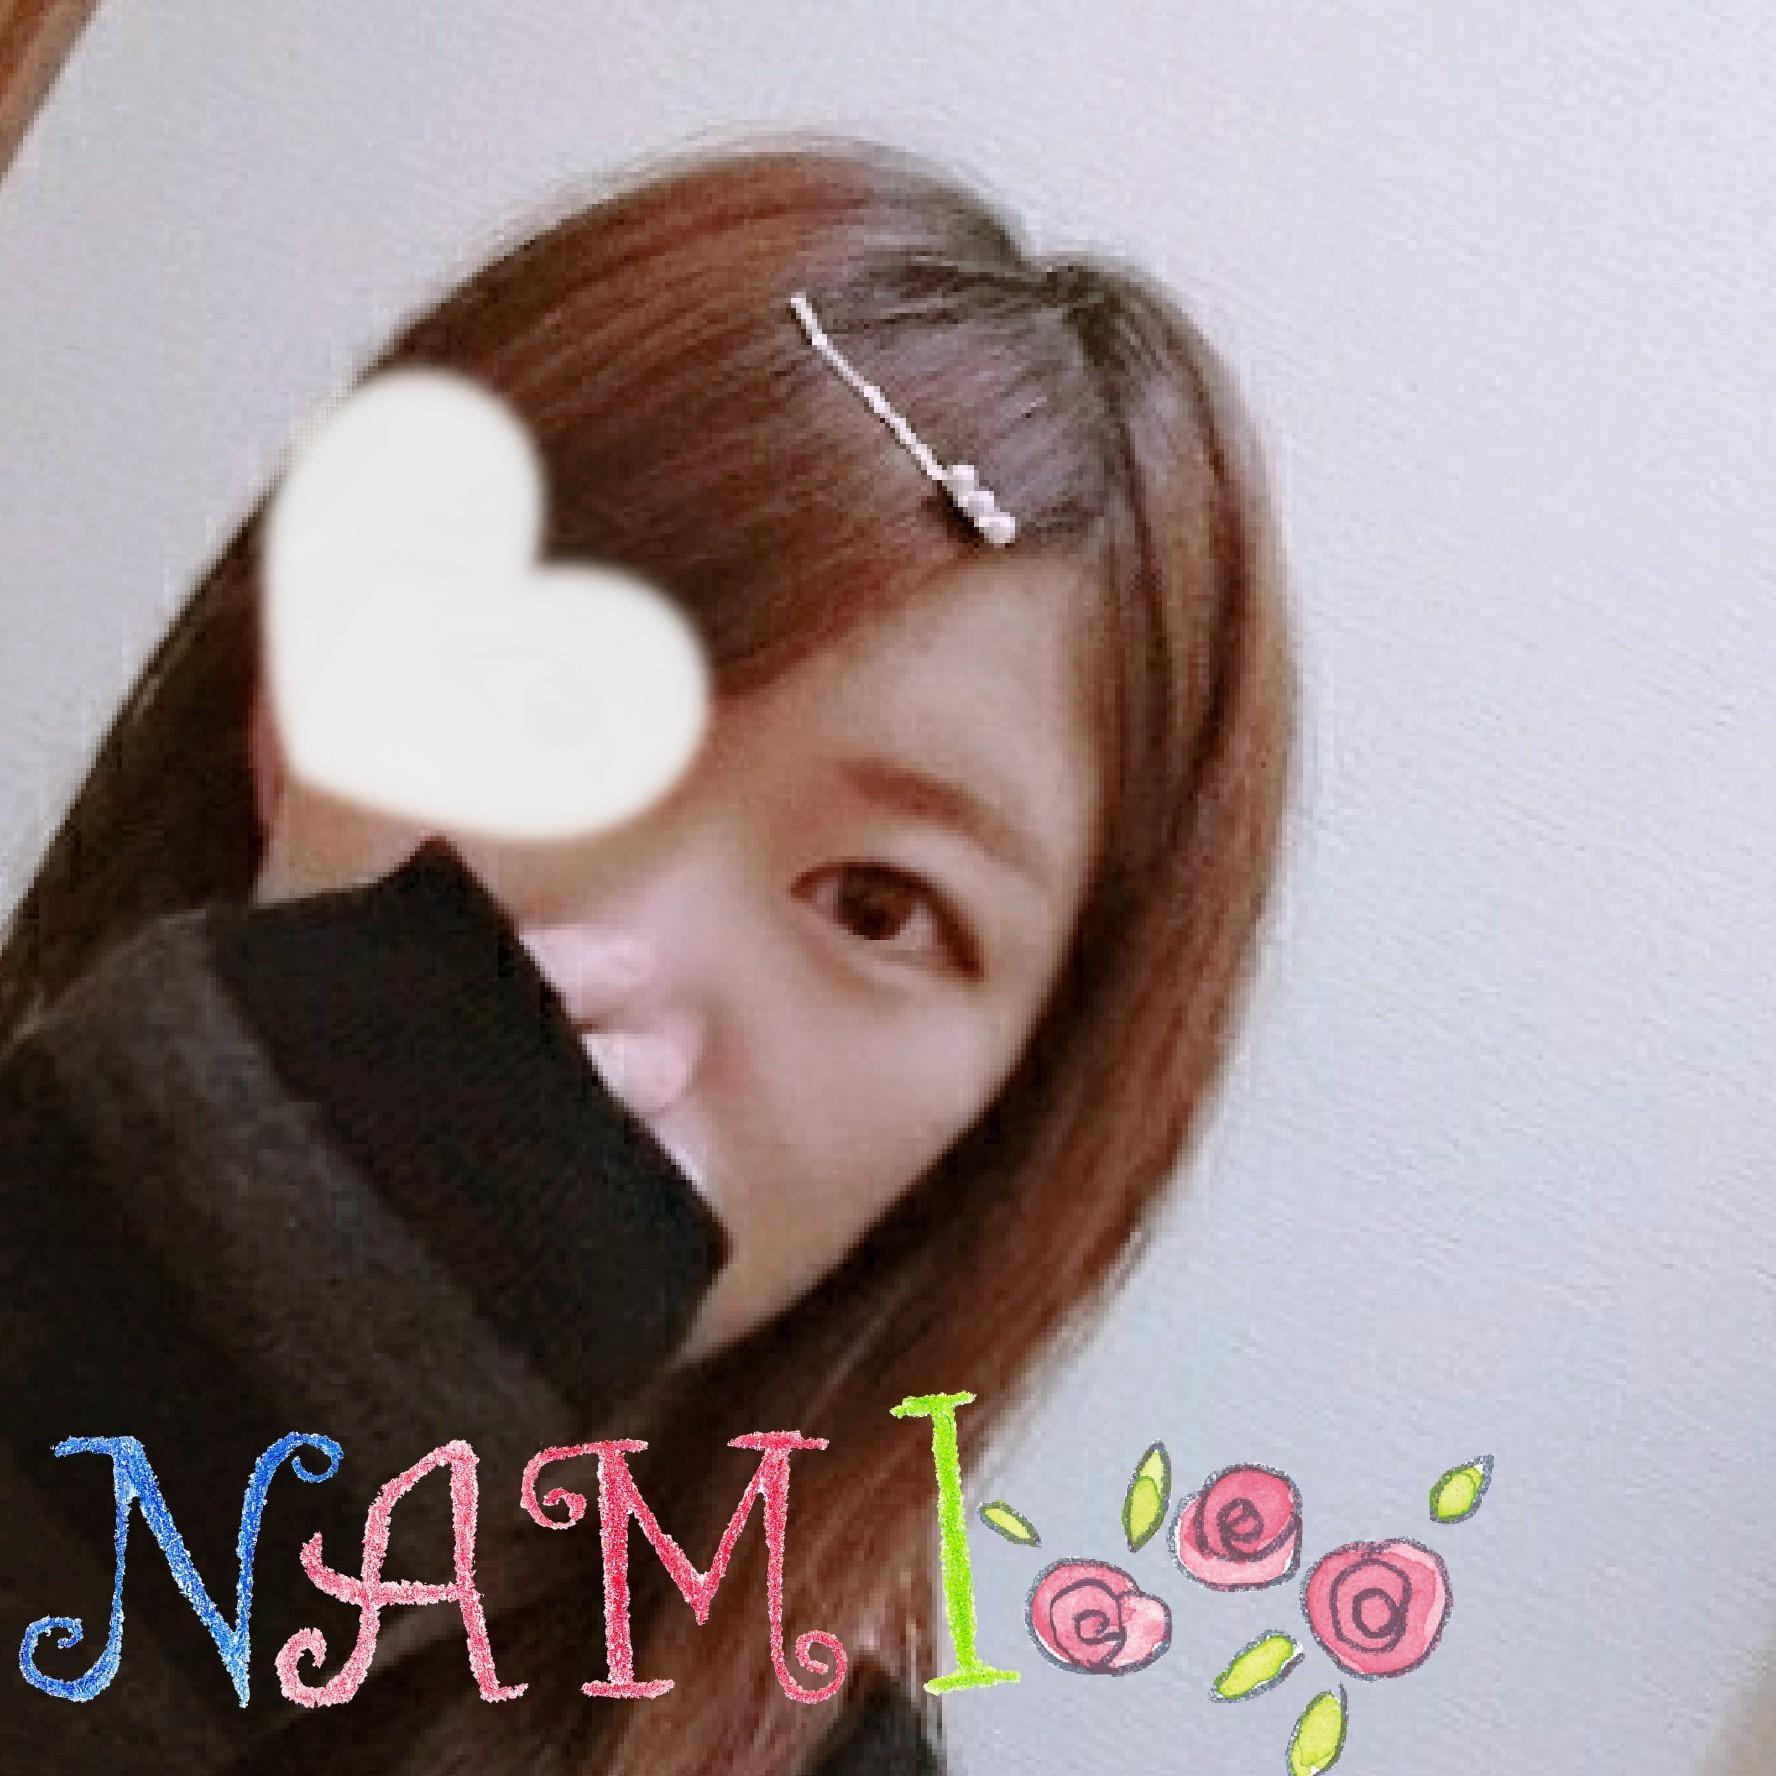 「こんばんわ♡」10/22(10/22) 02:06 | なみの写メ・風俗動画